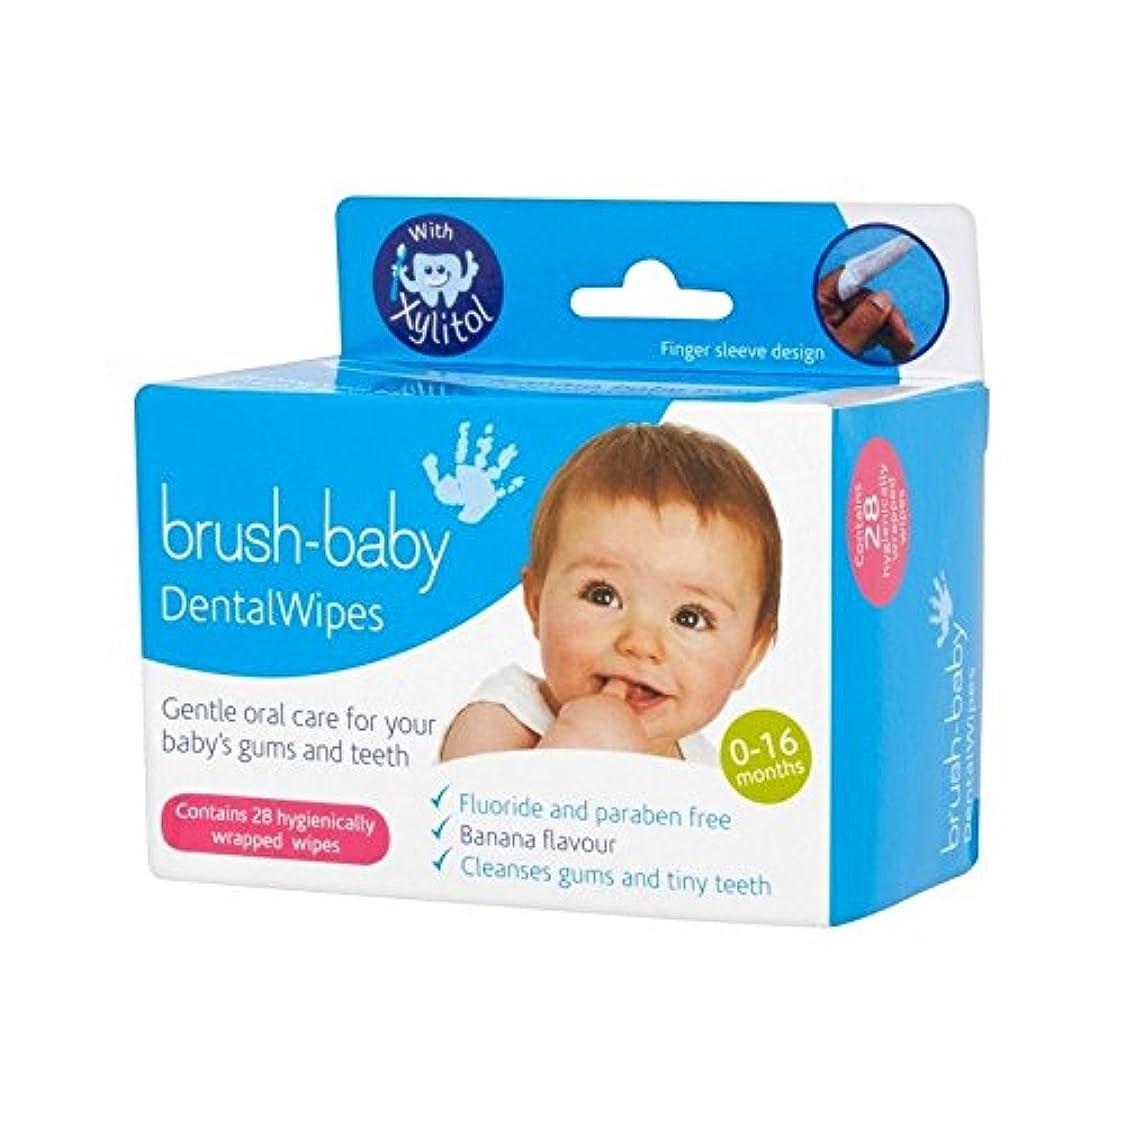 バース透けて見える薬局ブラシ赤ちゃん歯科ワイプ (Brush-Baby) (x 6) - Brush Baby Dental wipes (Pack of 6) [並行輸入品]